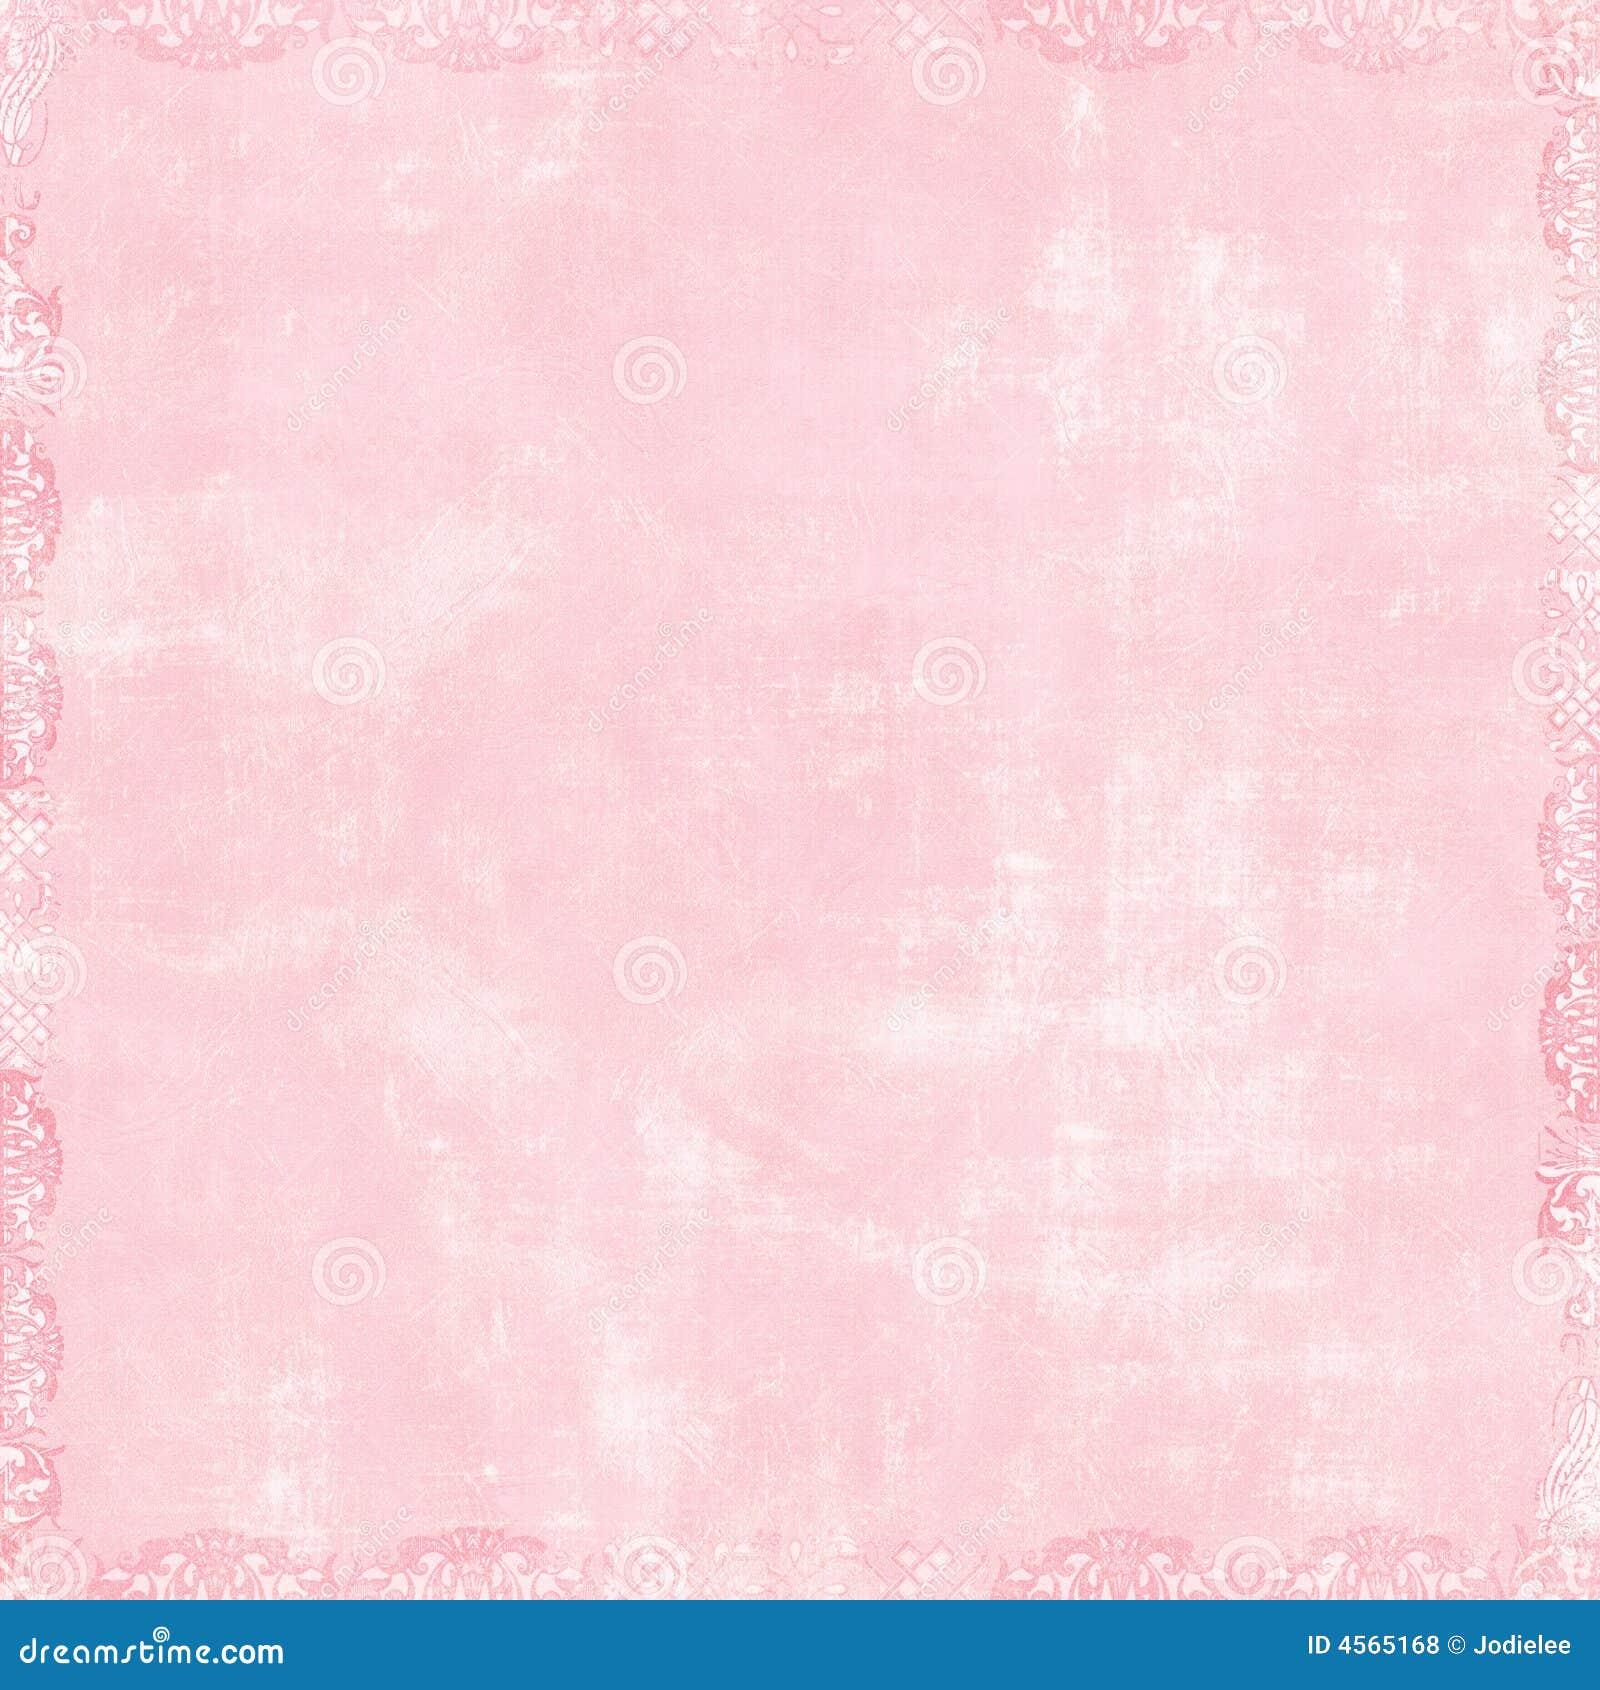 Soft Pink Scrapbook Background Stock Illustration - Image